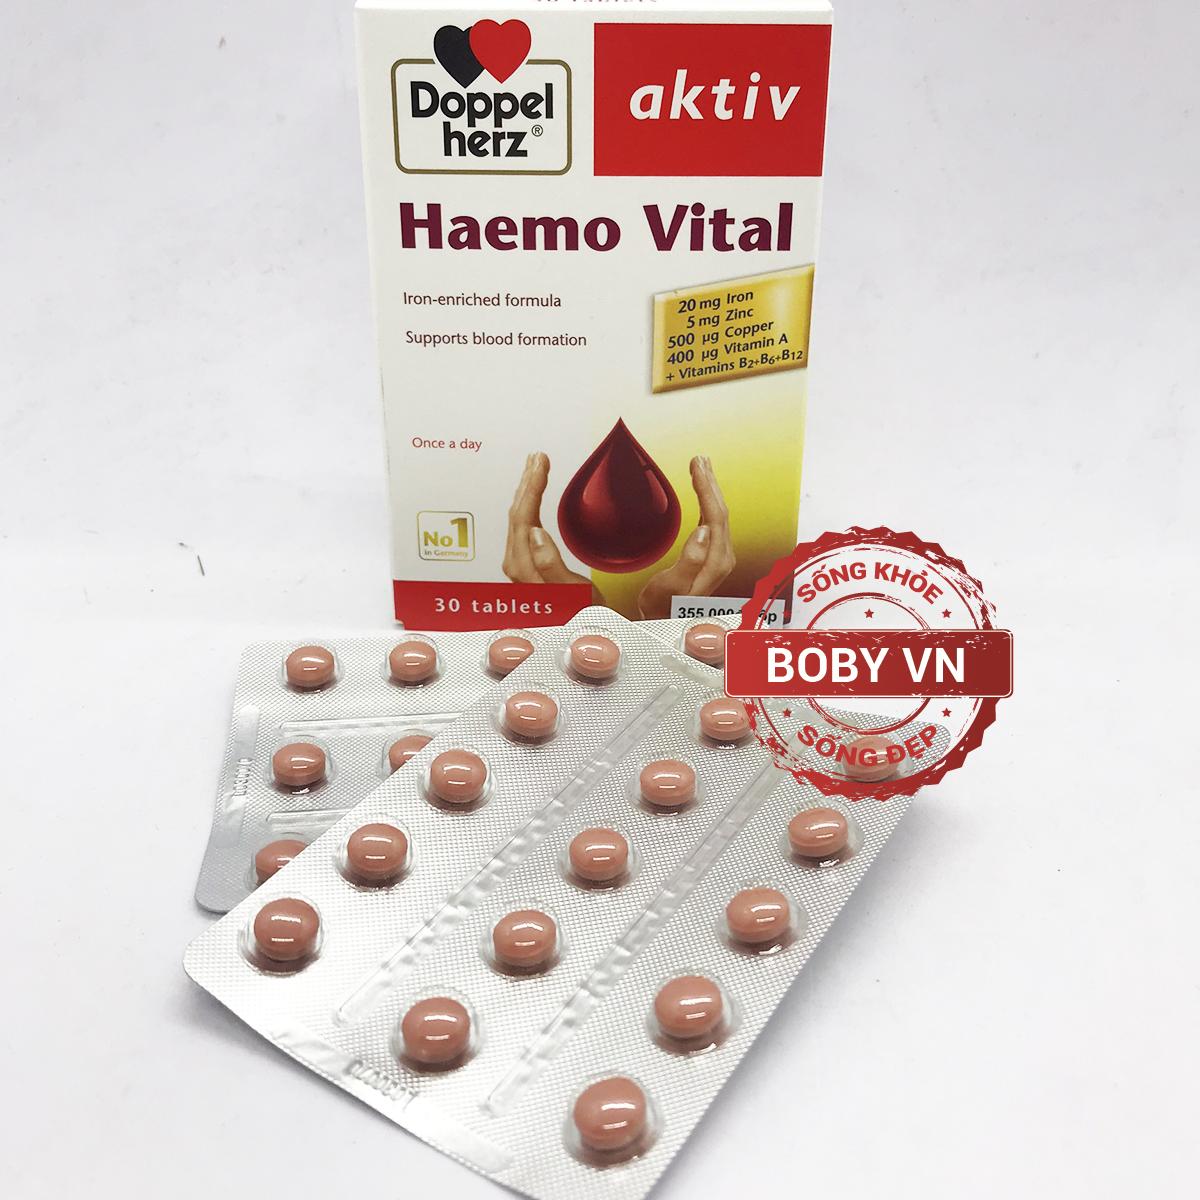 Doppel herz aktiv Haemo Vital bổ sung vitamin và khoáng chất cho bà bầu